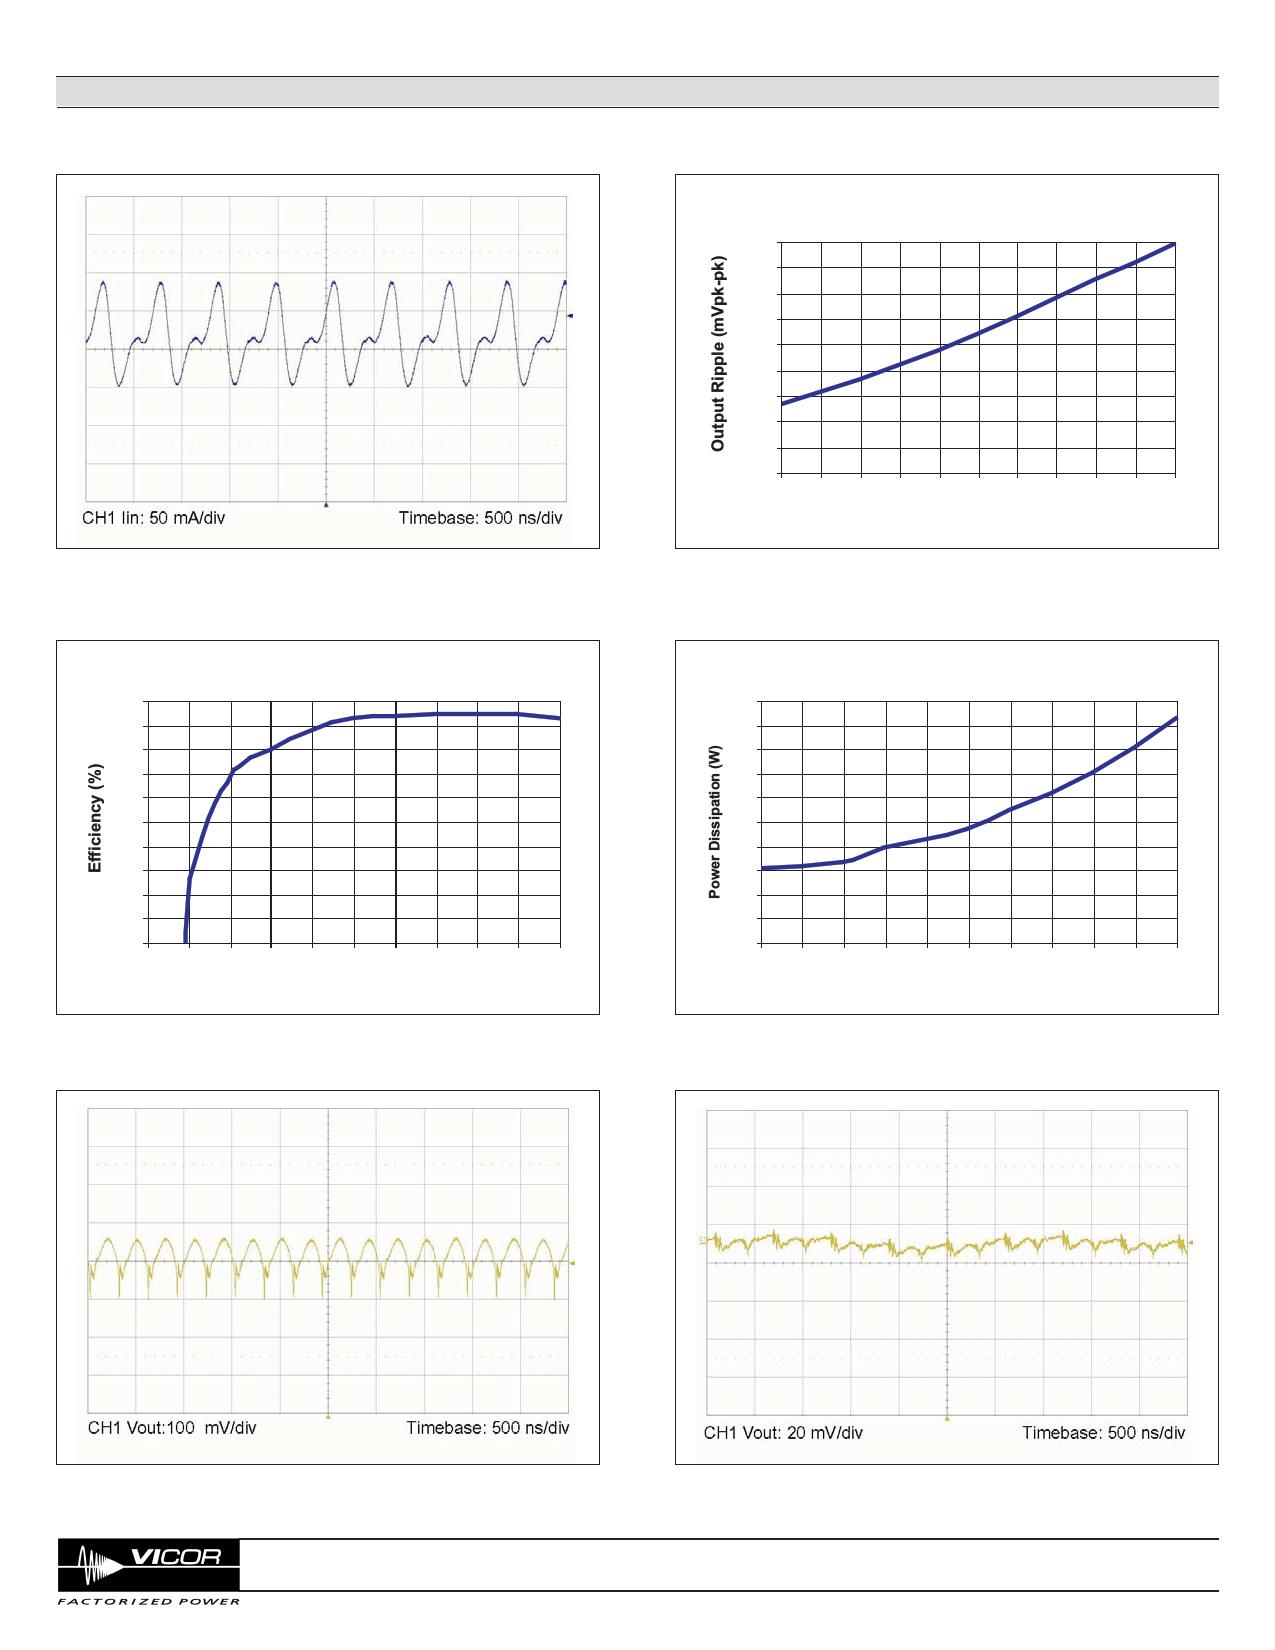 V048K096M025 pdf, 電子部品, 半導体, ピン配列